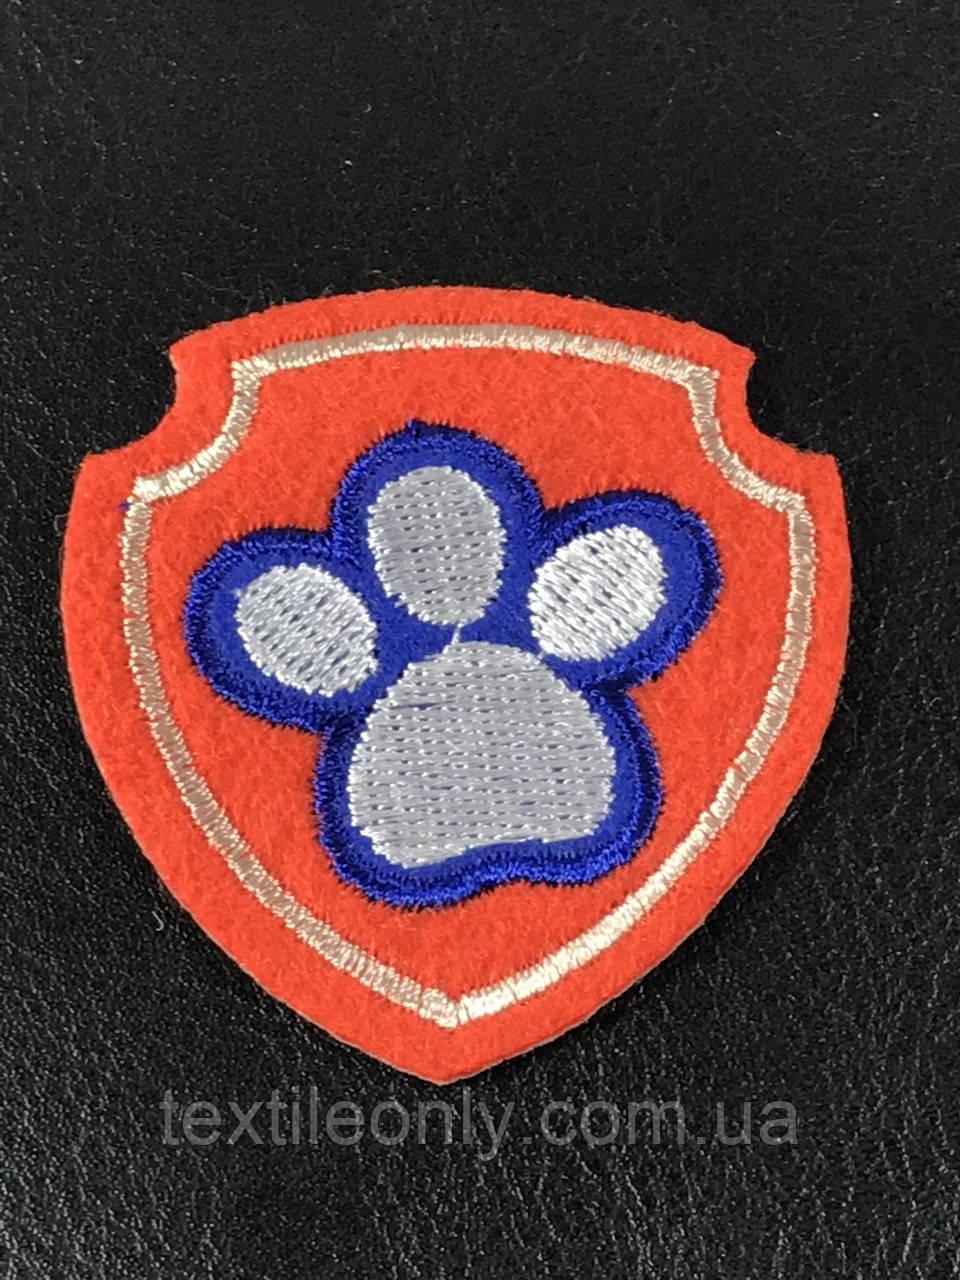 Нашивка Щенячий патруль логотип